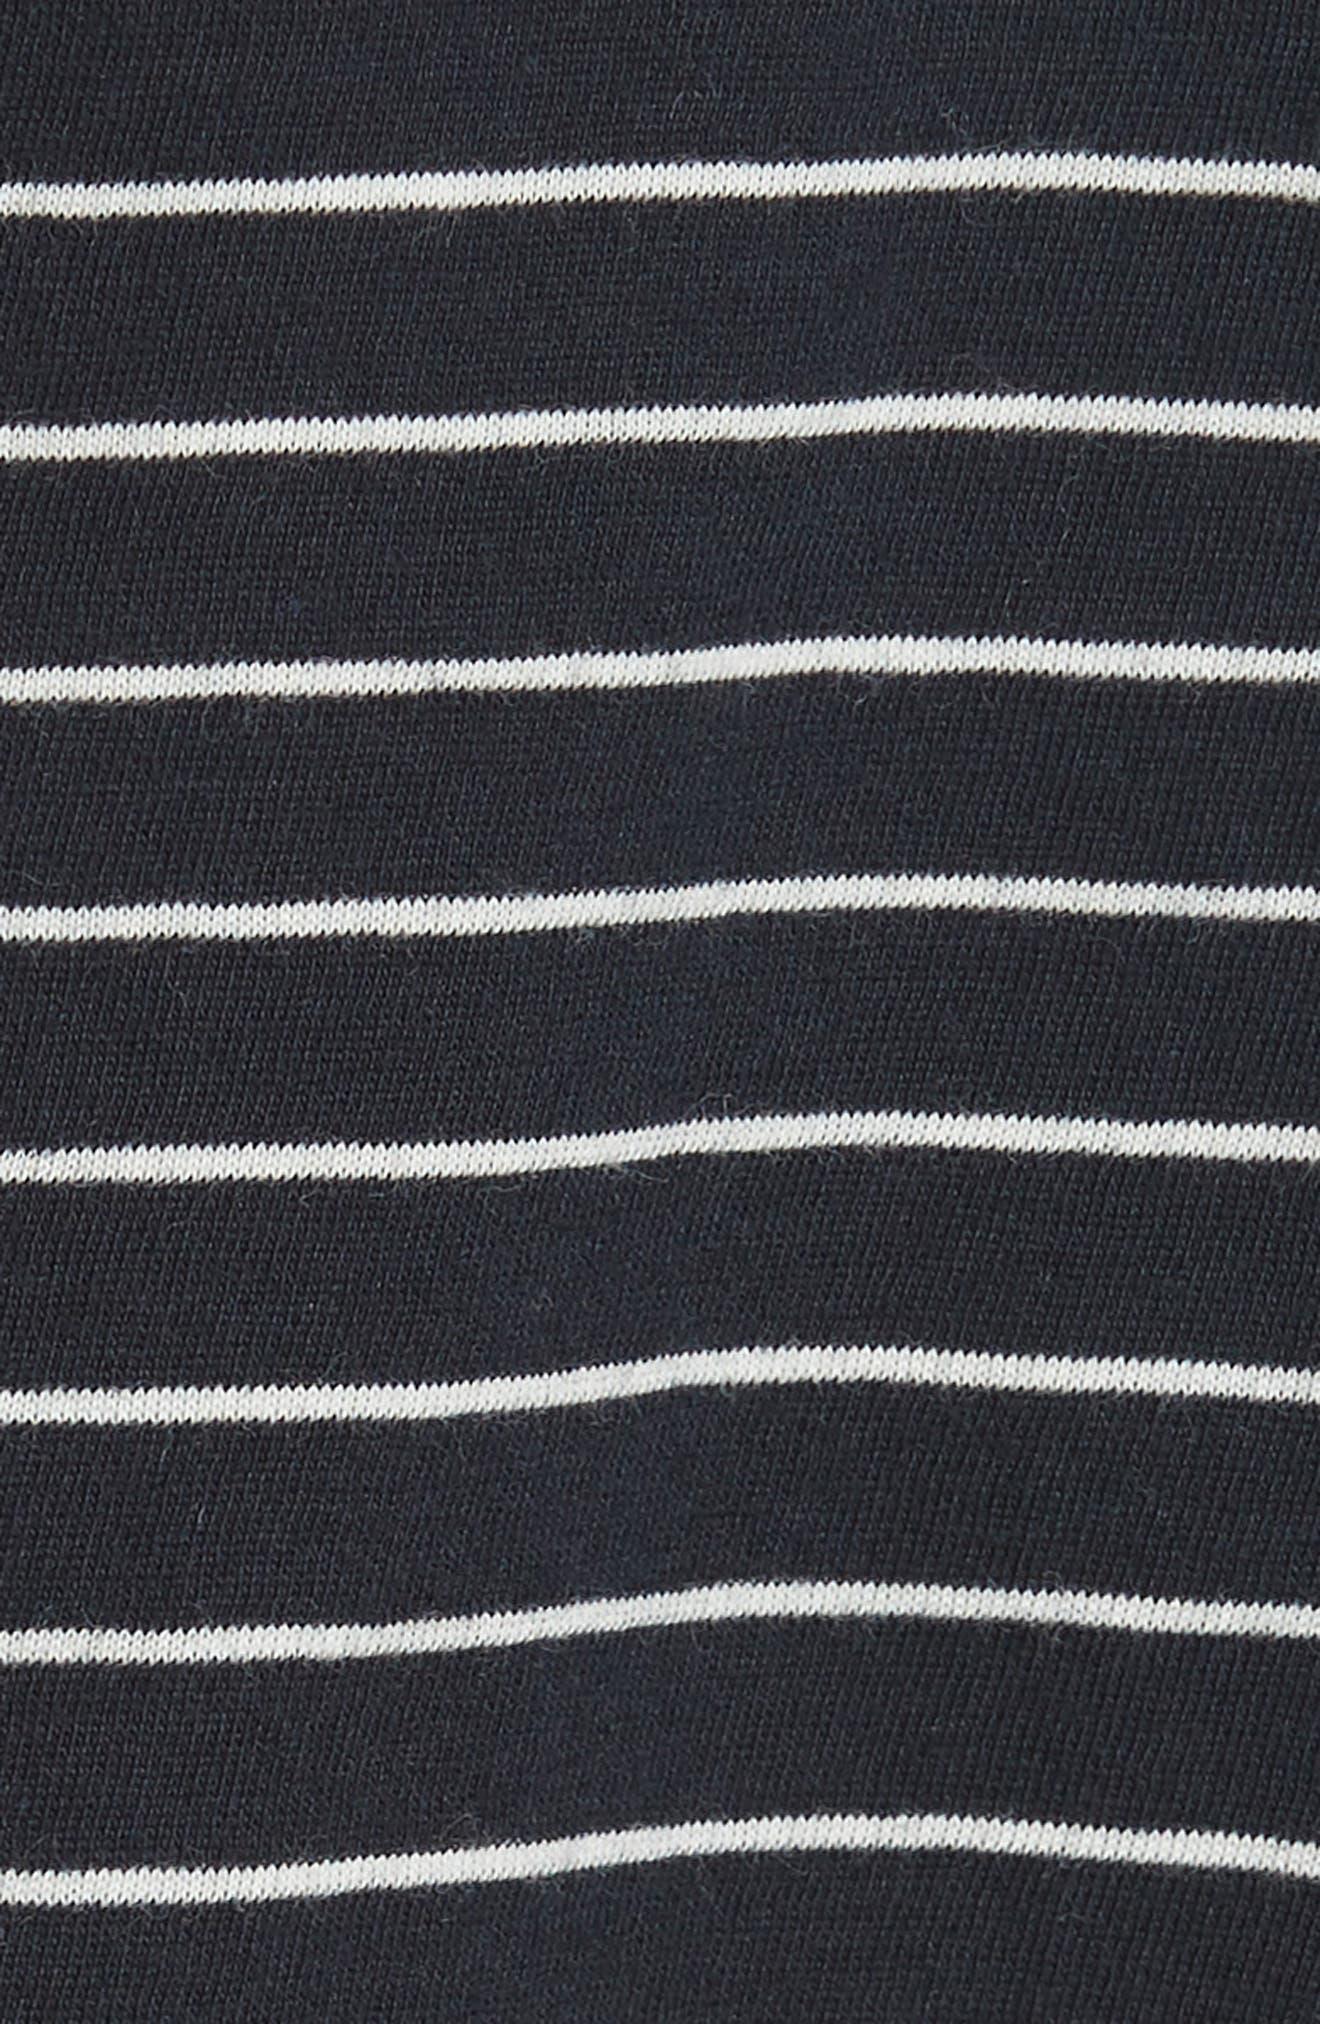 Pencil Stripe Pima Cotton Pullover Top,                             Alternate thumbnail 5, color,                             COASTAL/ VANILLA